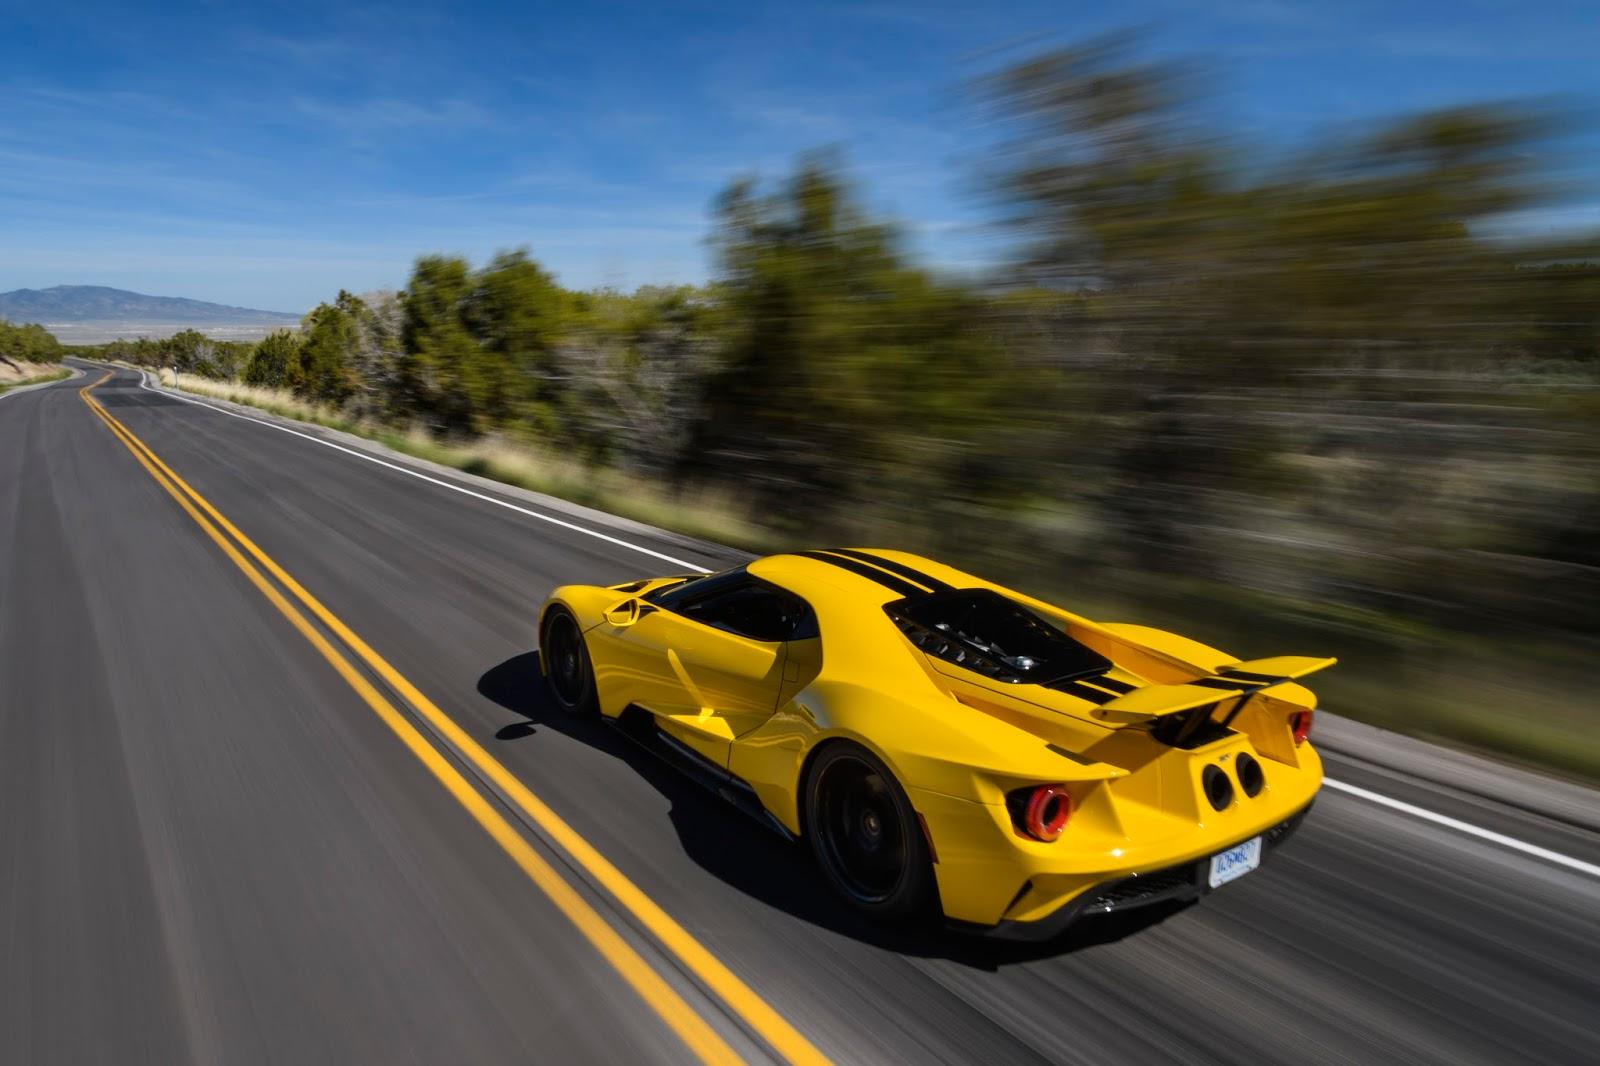 All NewFordGT Innovations 14 Ford GT : Το αυτοκίνητο του αύριο... σήμερα Ford, Ford GT, Ford GT 40, Future, supercars, τεχνικά, Τεχνολογία